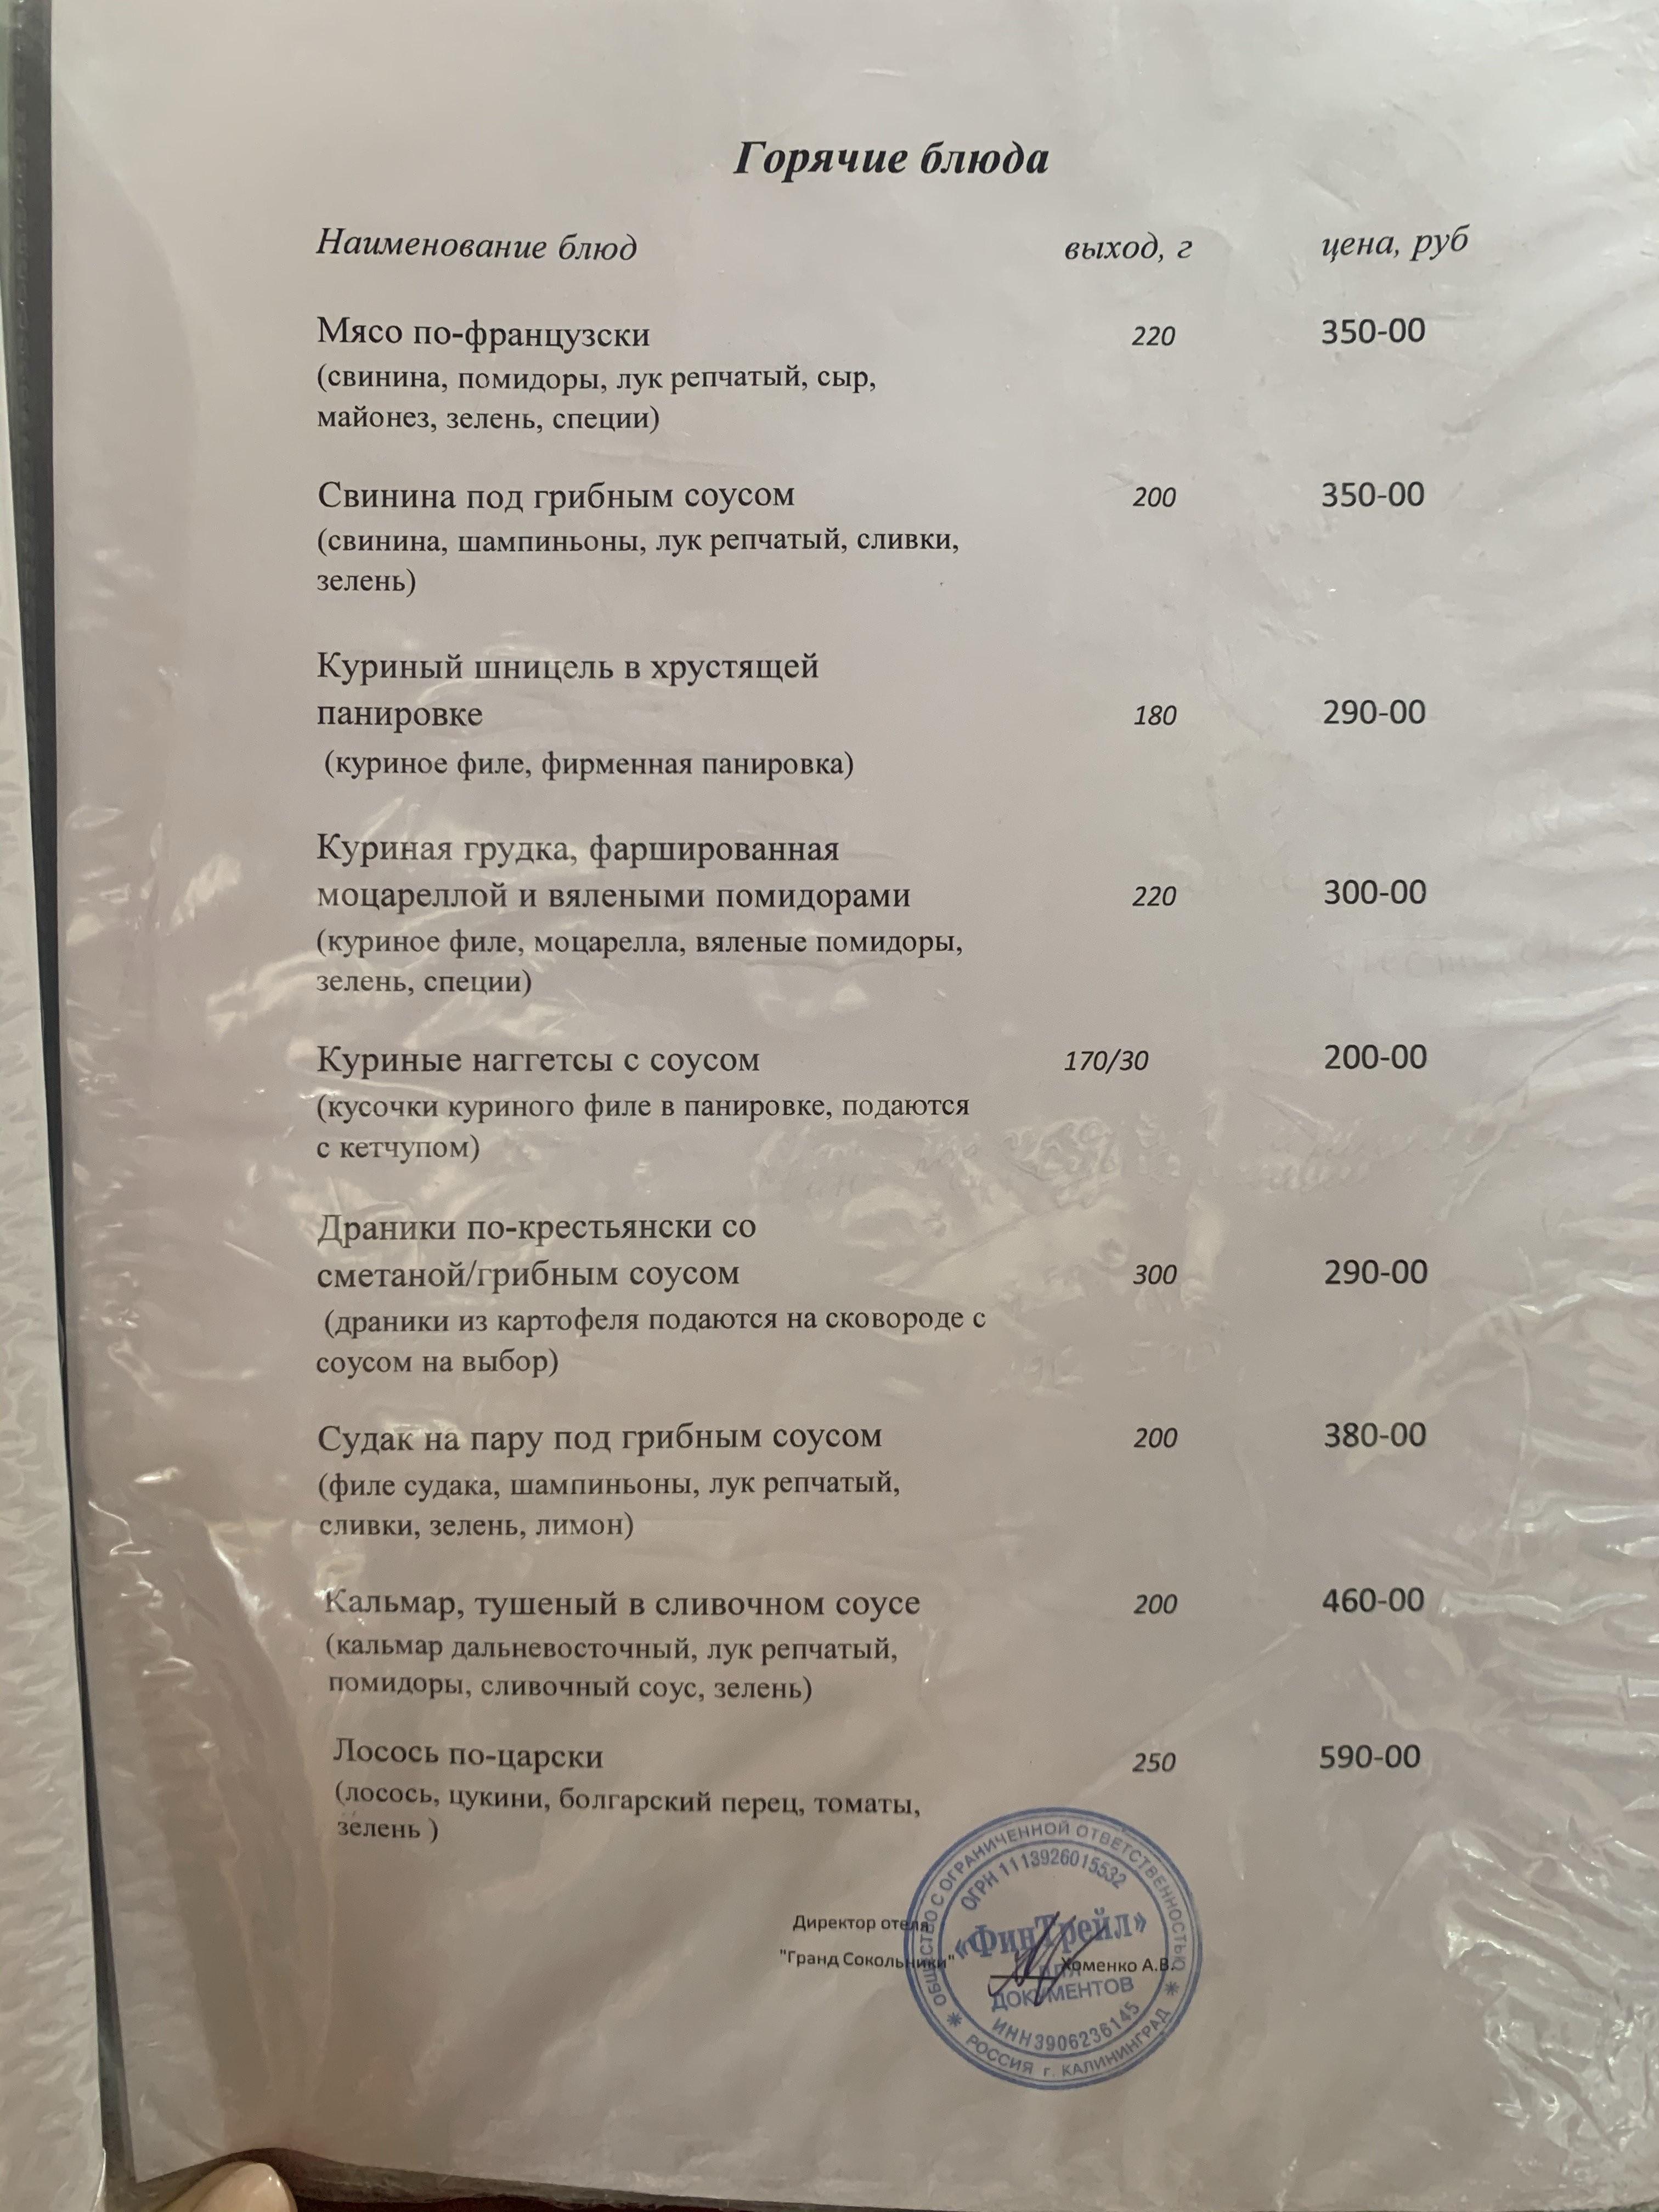 Гранд Сокольники, отель - №1